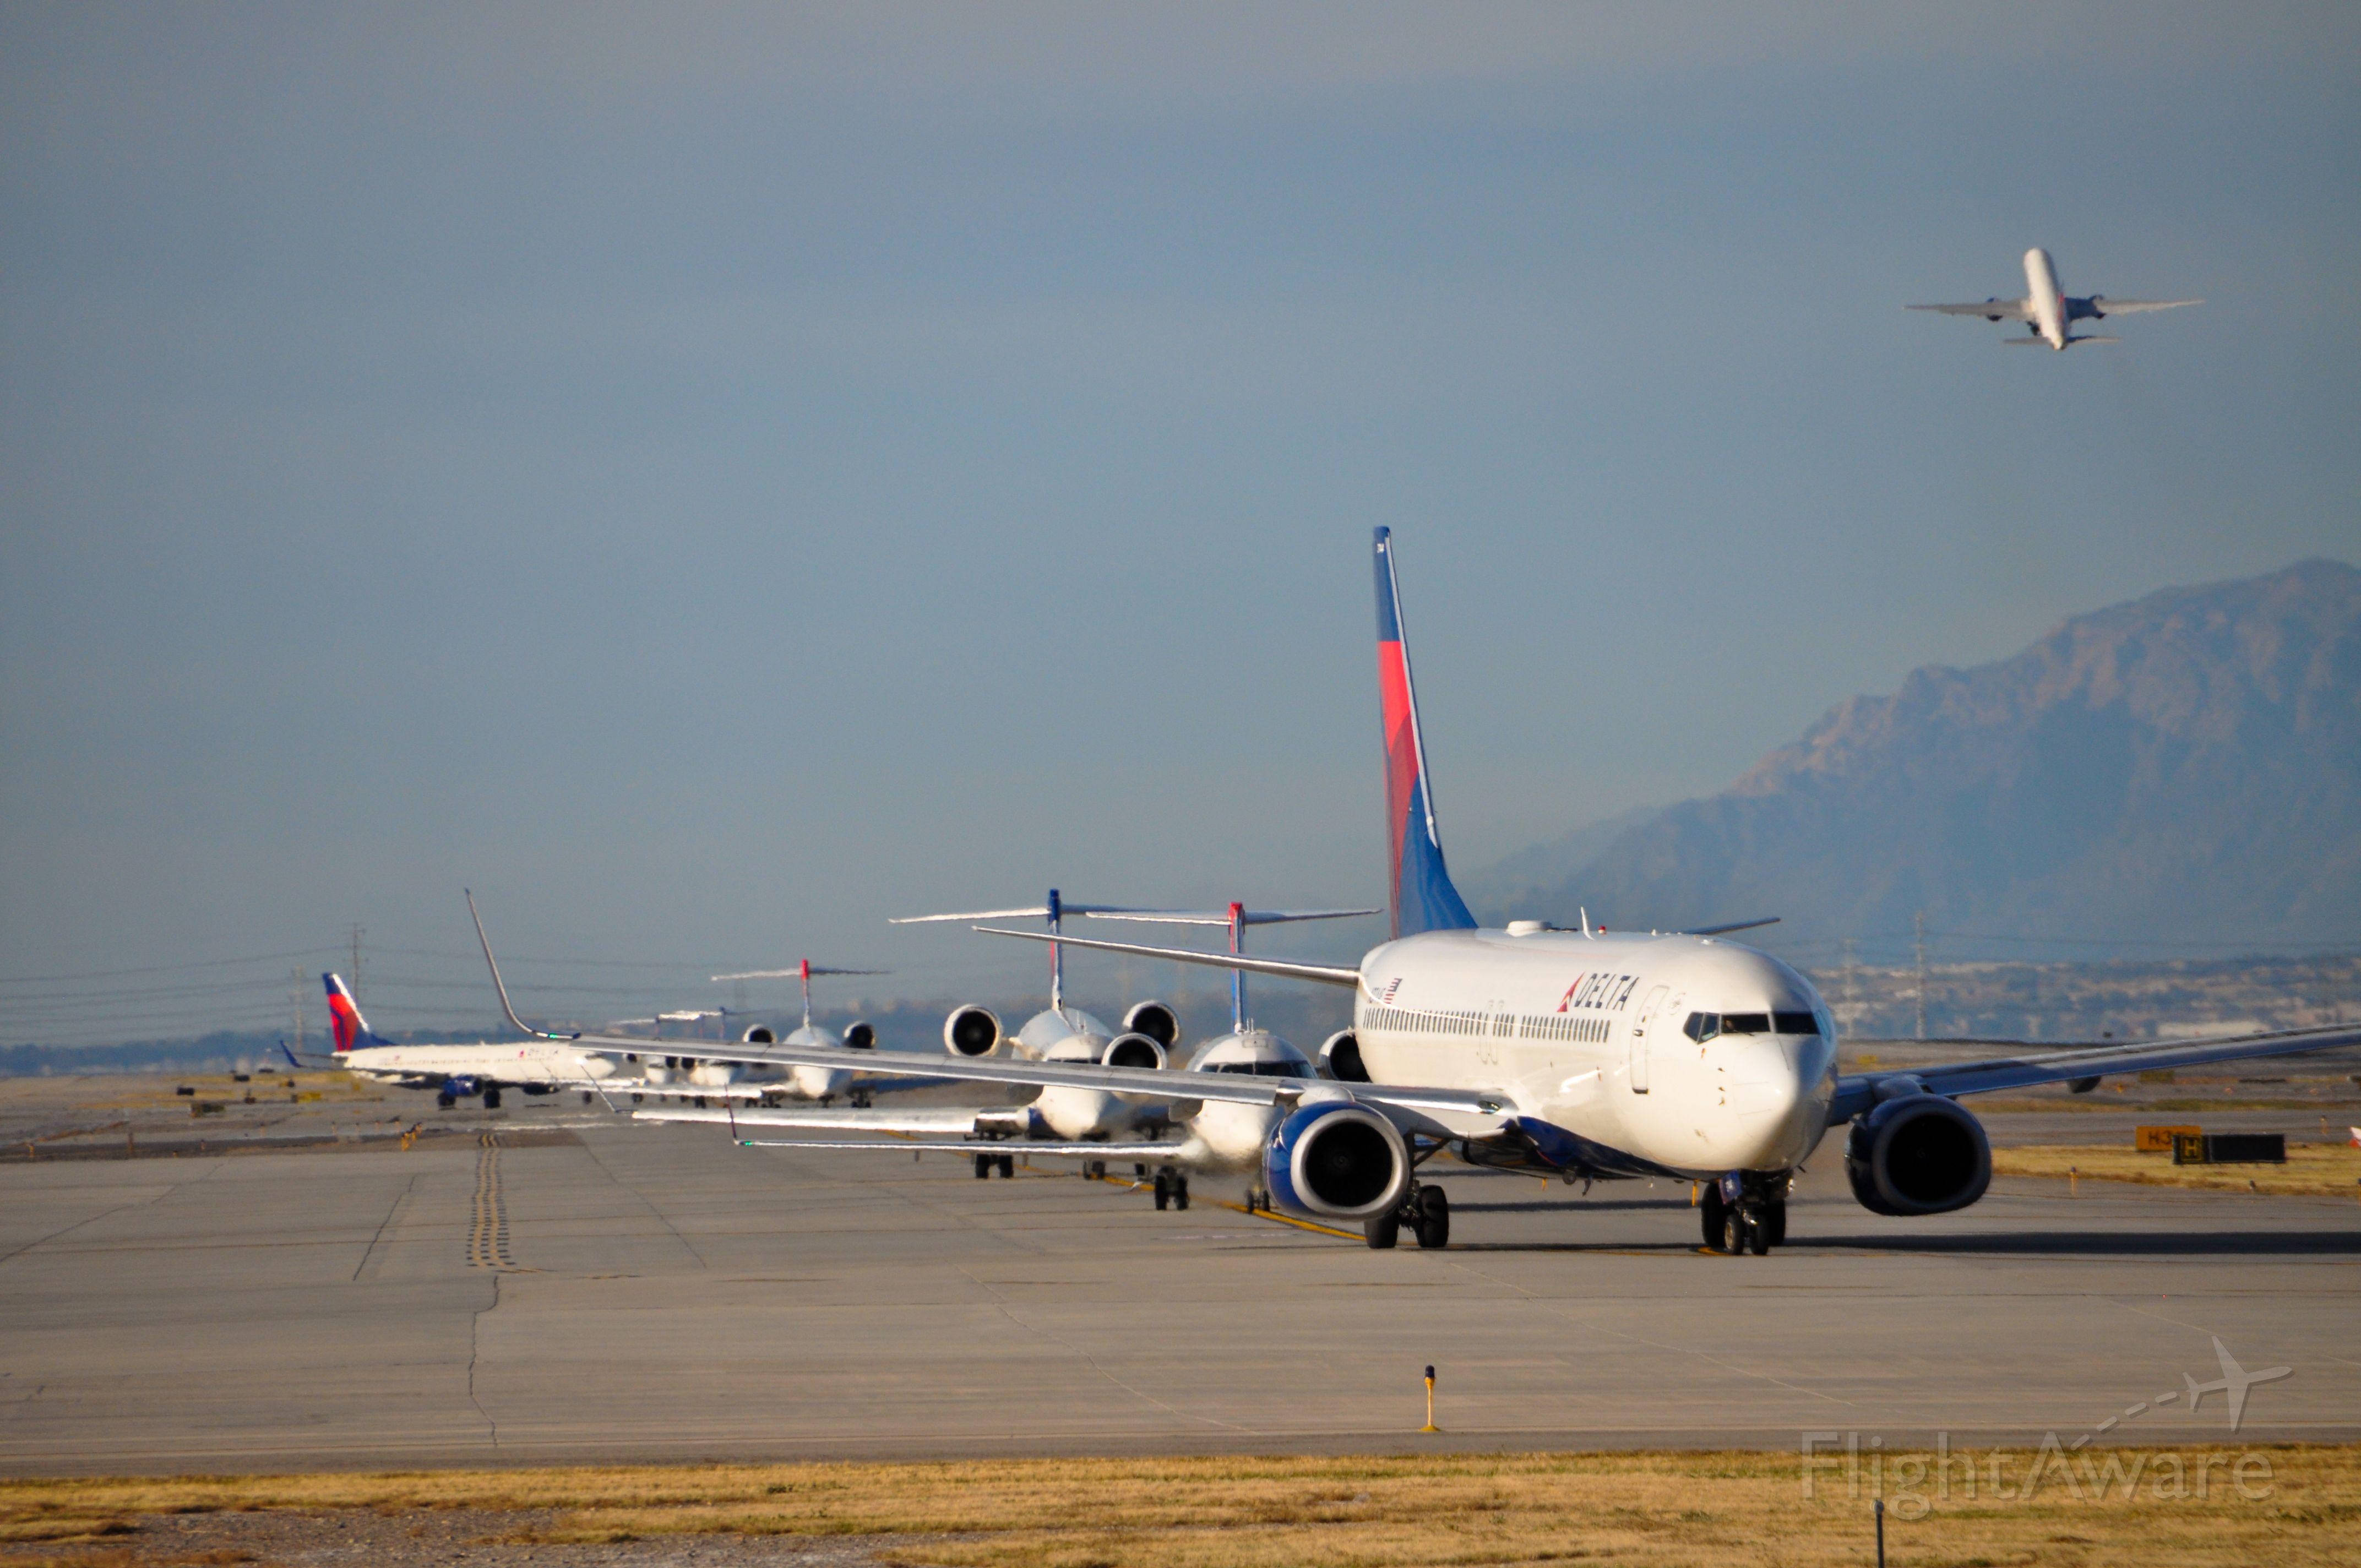 — — - Departing Salt Lake City